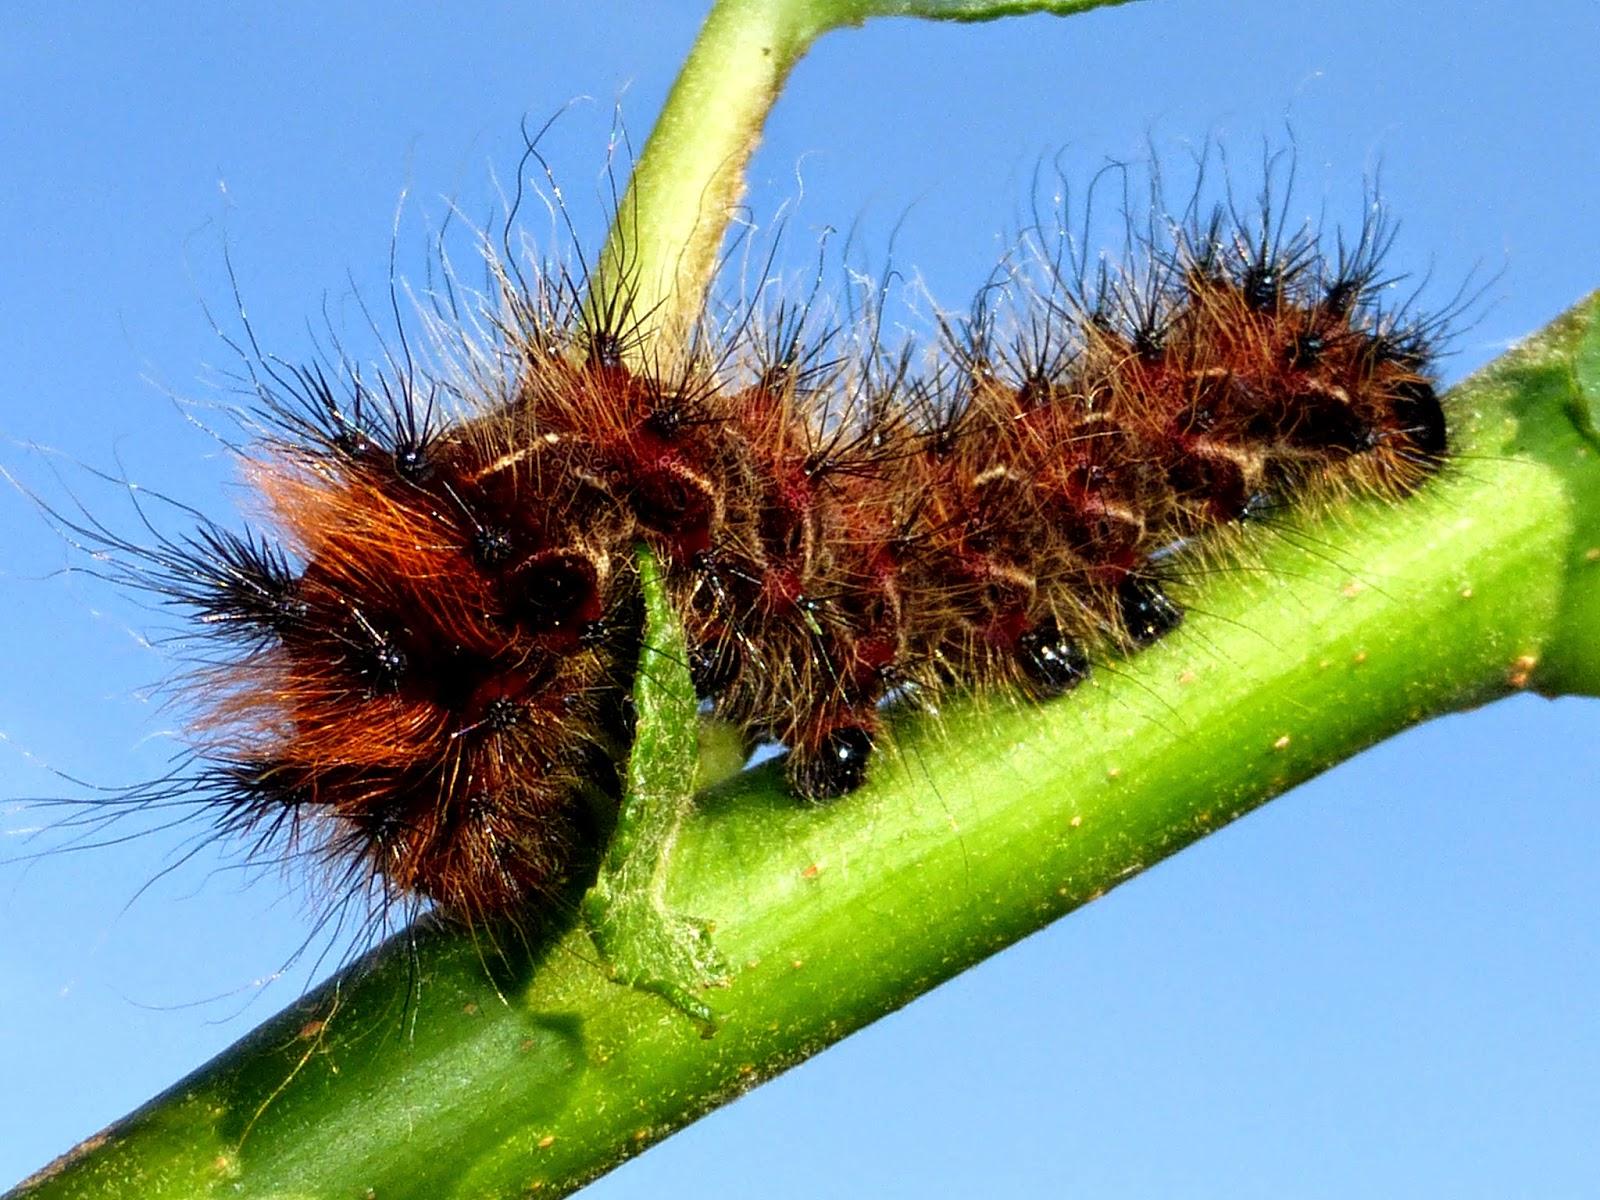 Loepa oberthuri caterpillar